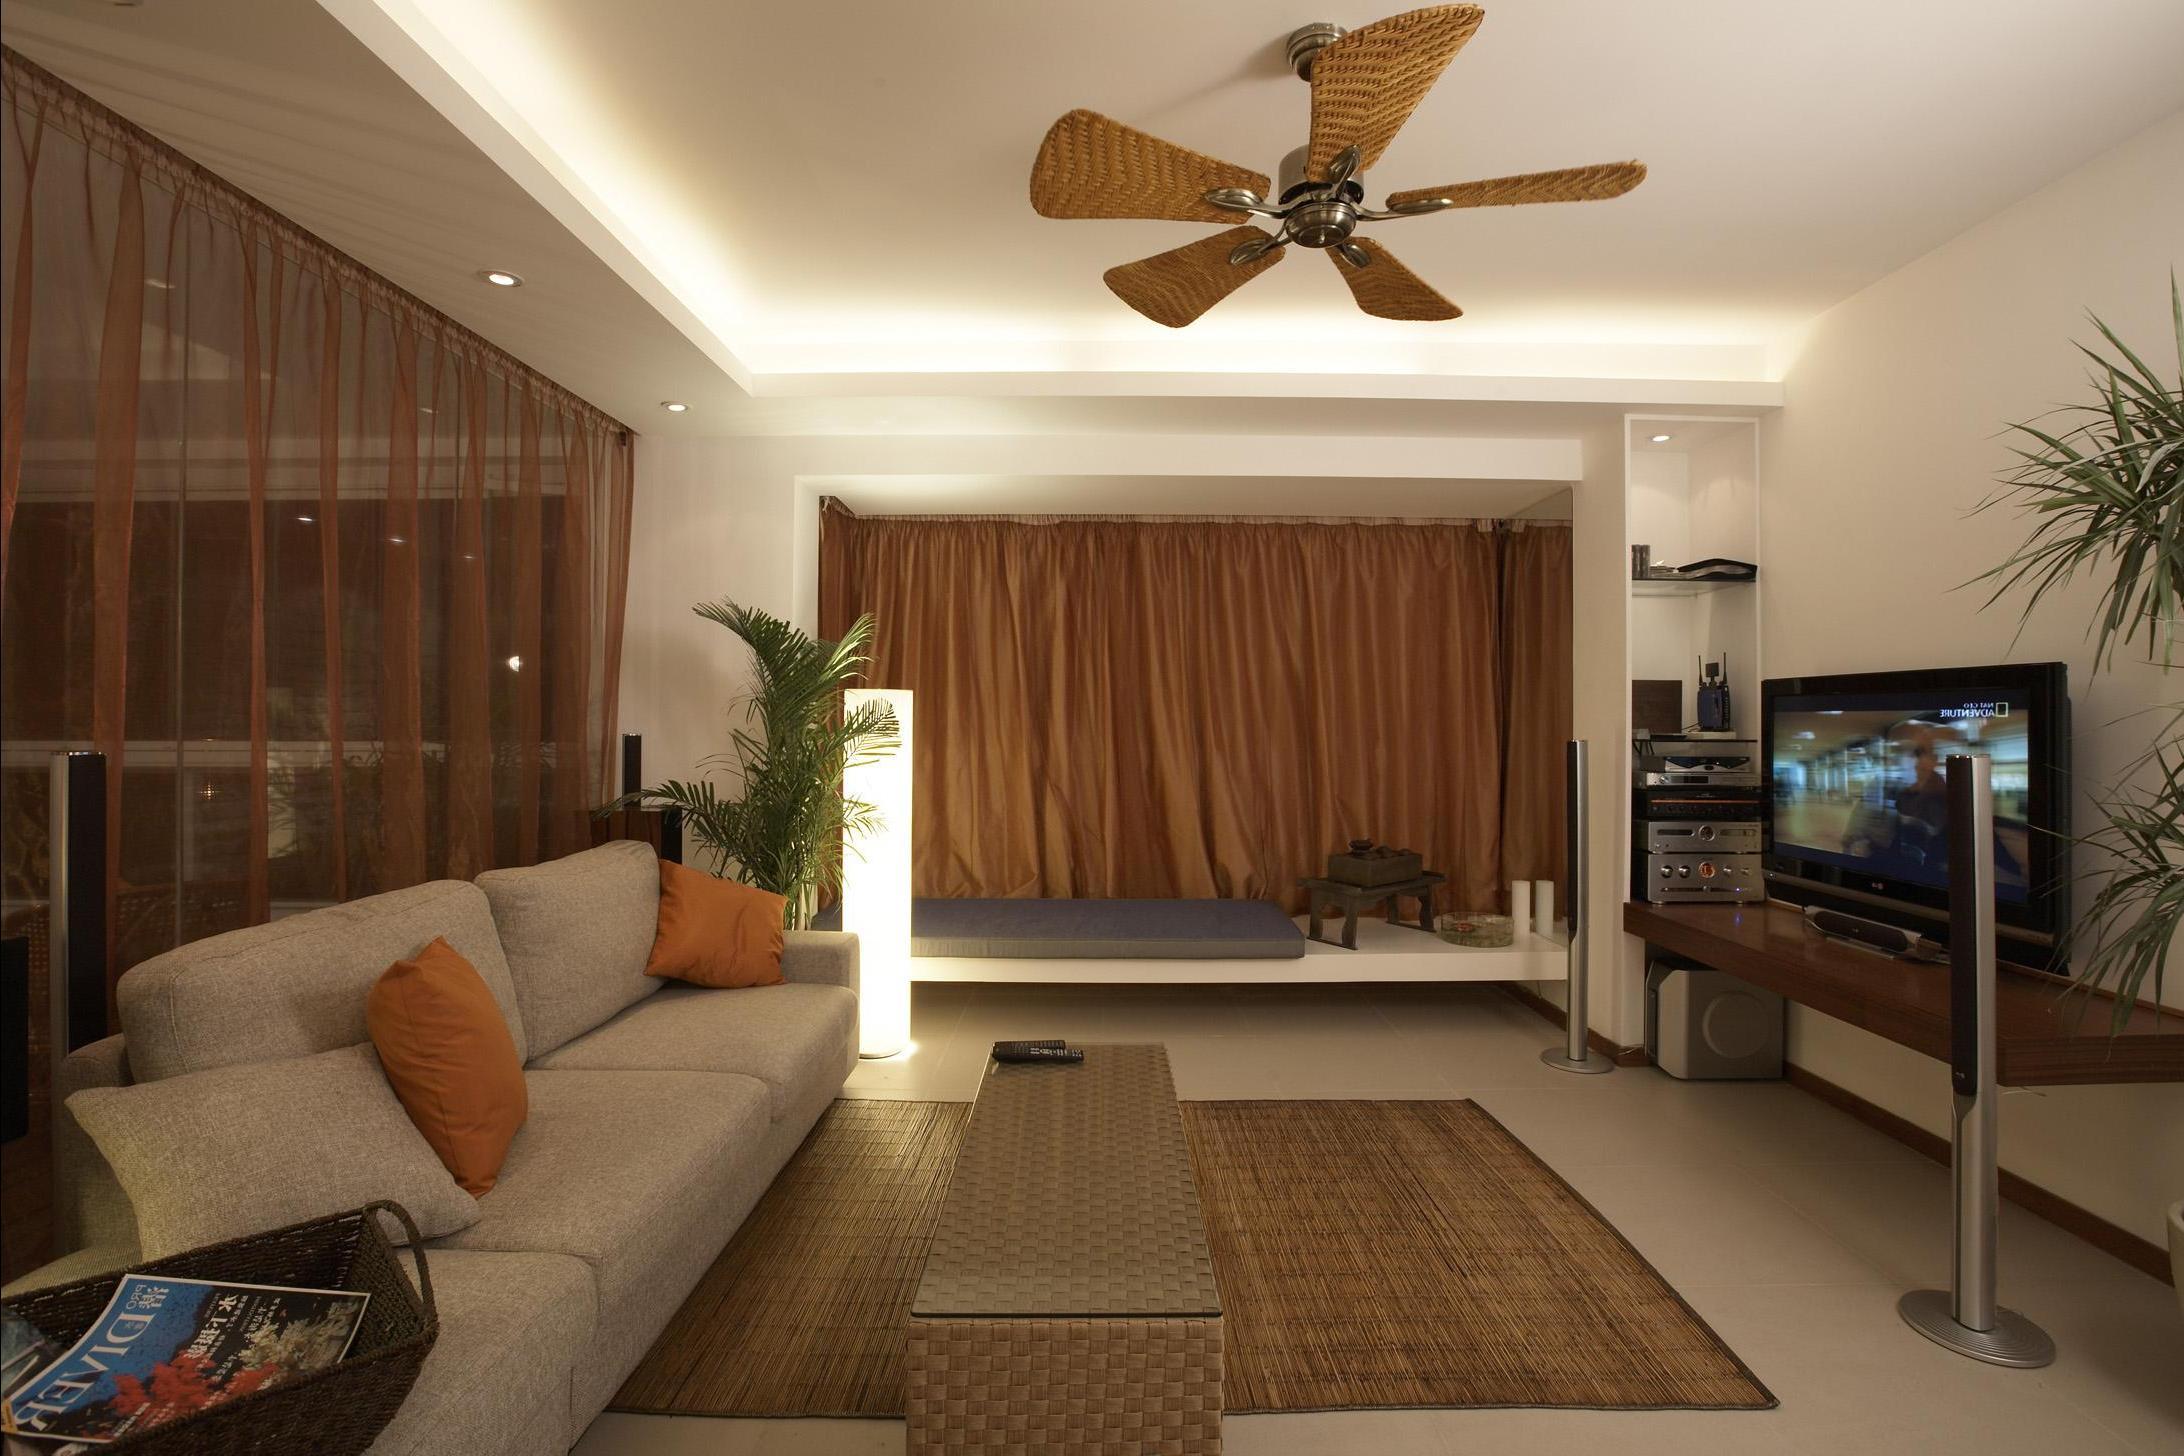 гостиная спальня площадью 18 кв м